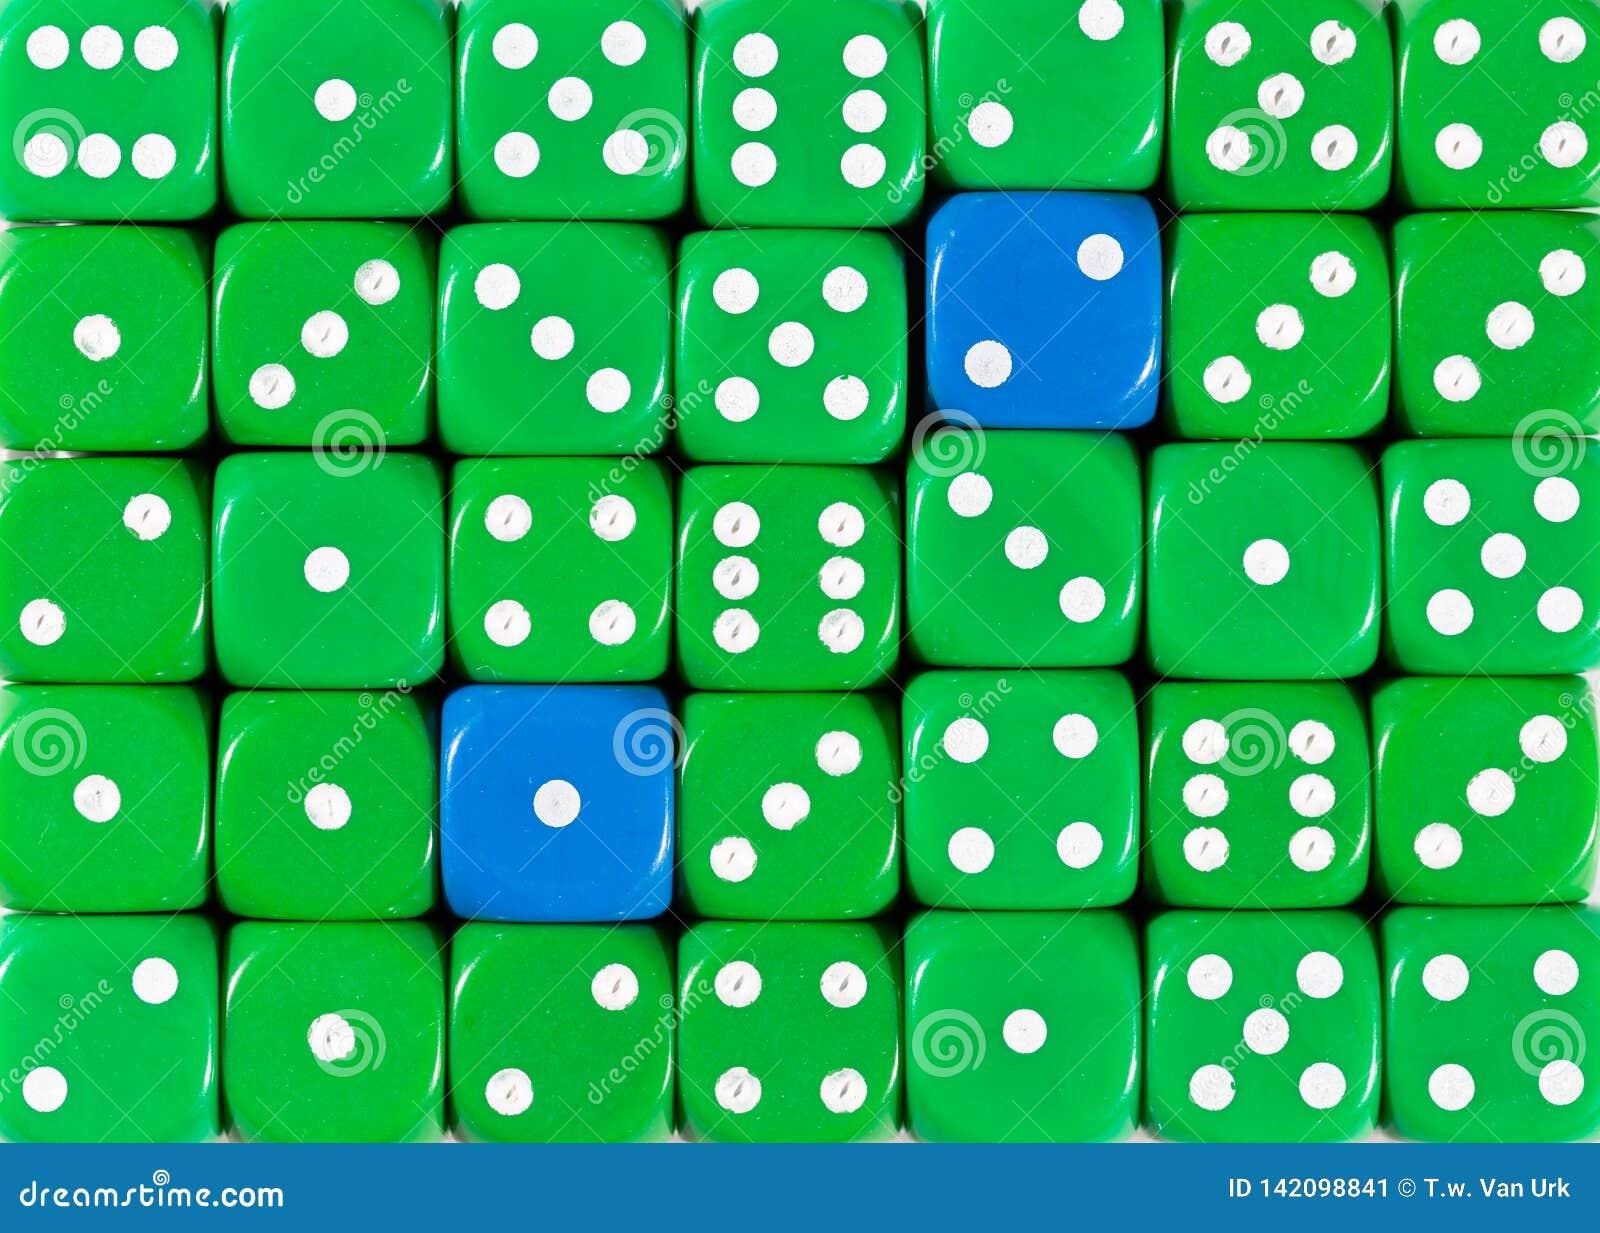 Предпосылка случайного приказанного зеленого цвета dices с 2 голубыми кубами